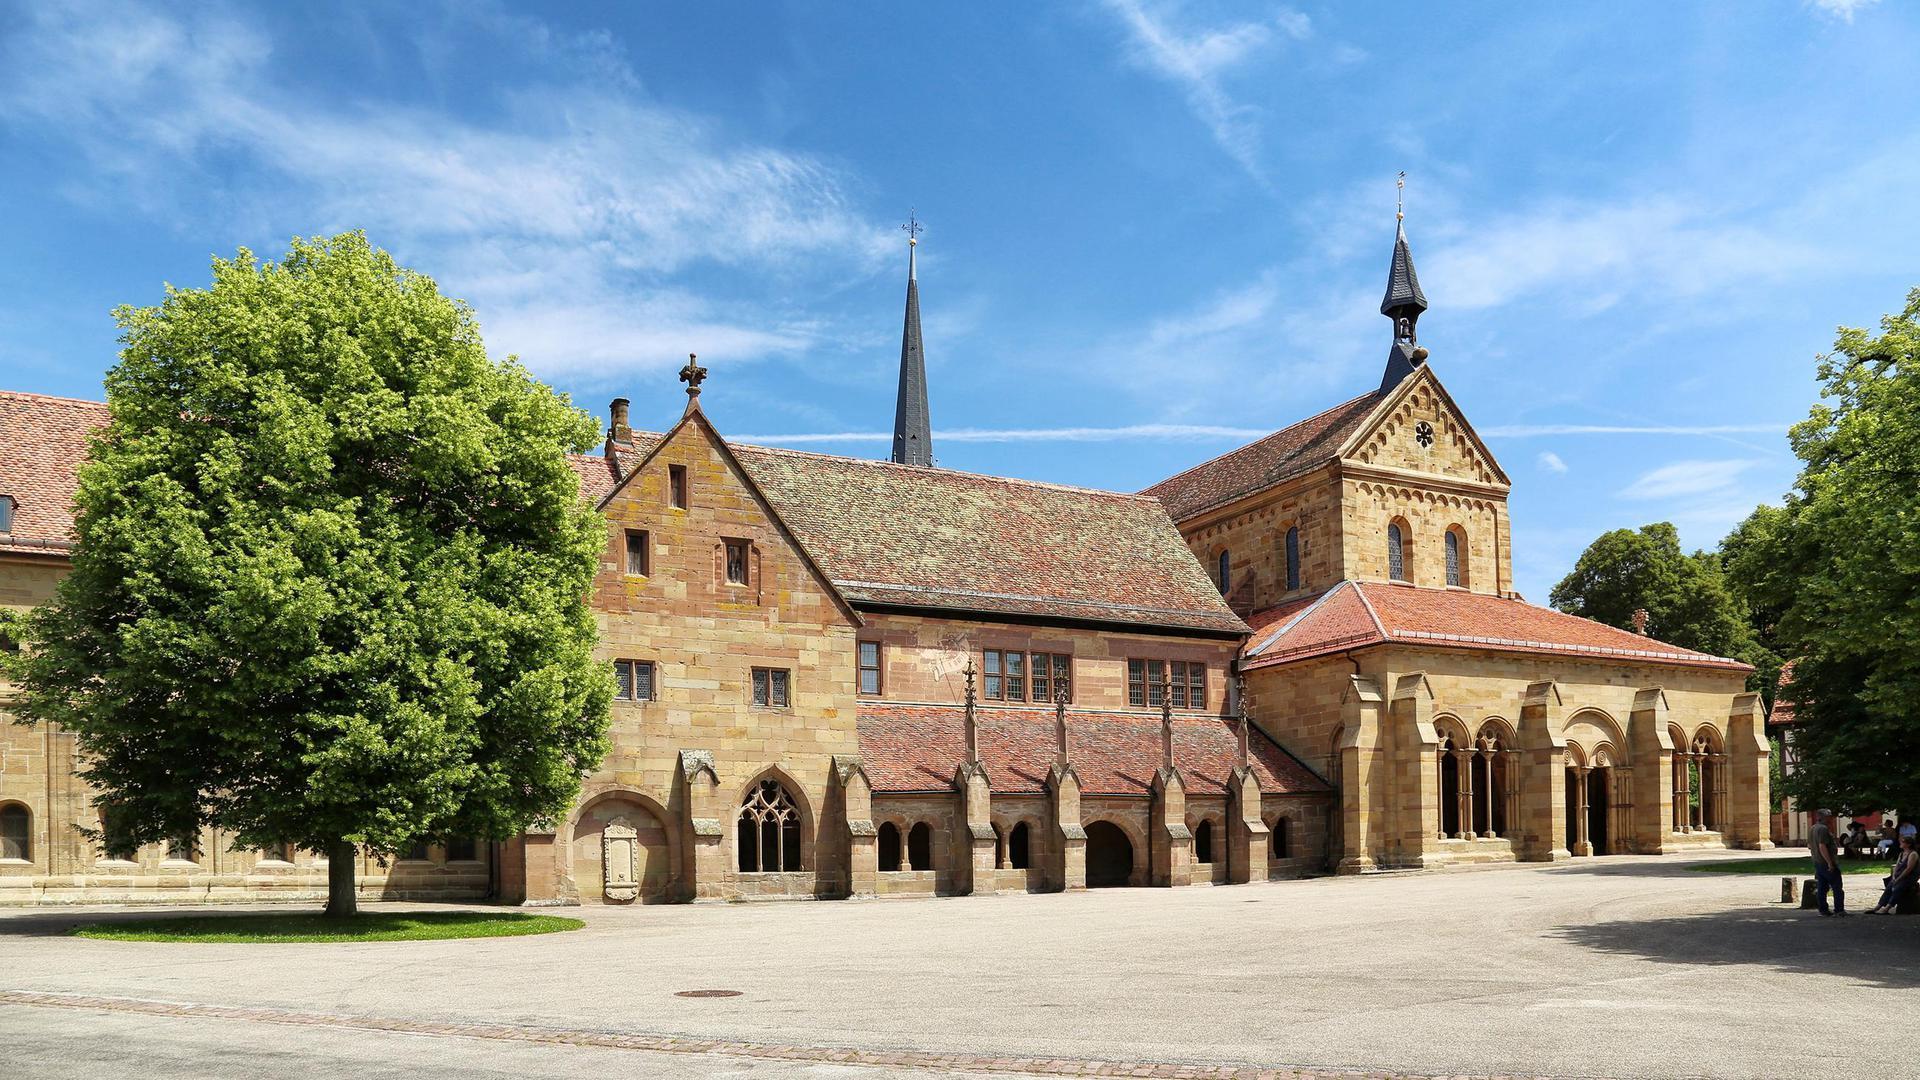 Das Zisterzienserkloster in Maulbronnn gilt als die am vollständigsten erhaltene Klosteranlage des Mittelalters nördlich der Alpen.